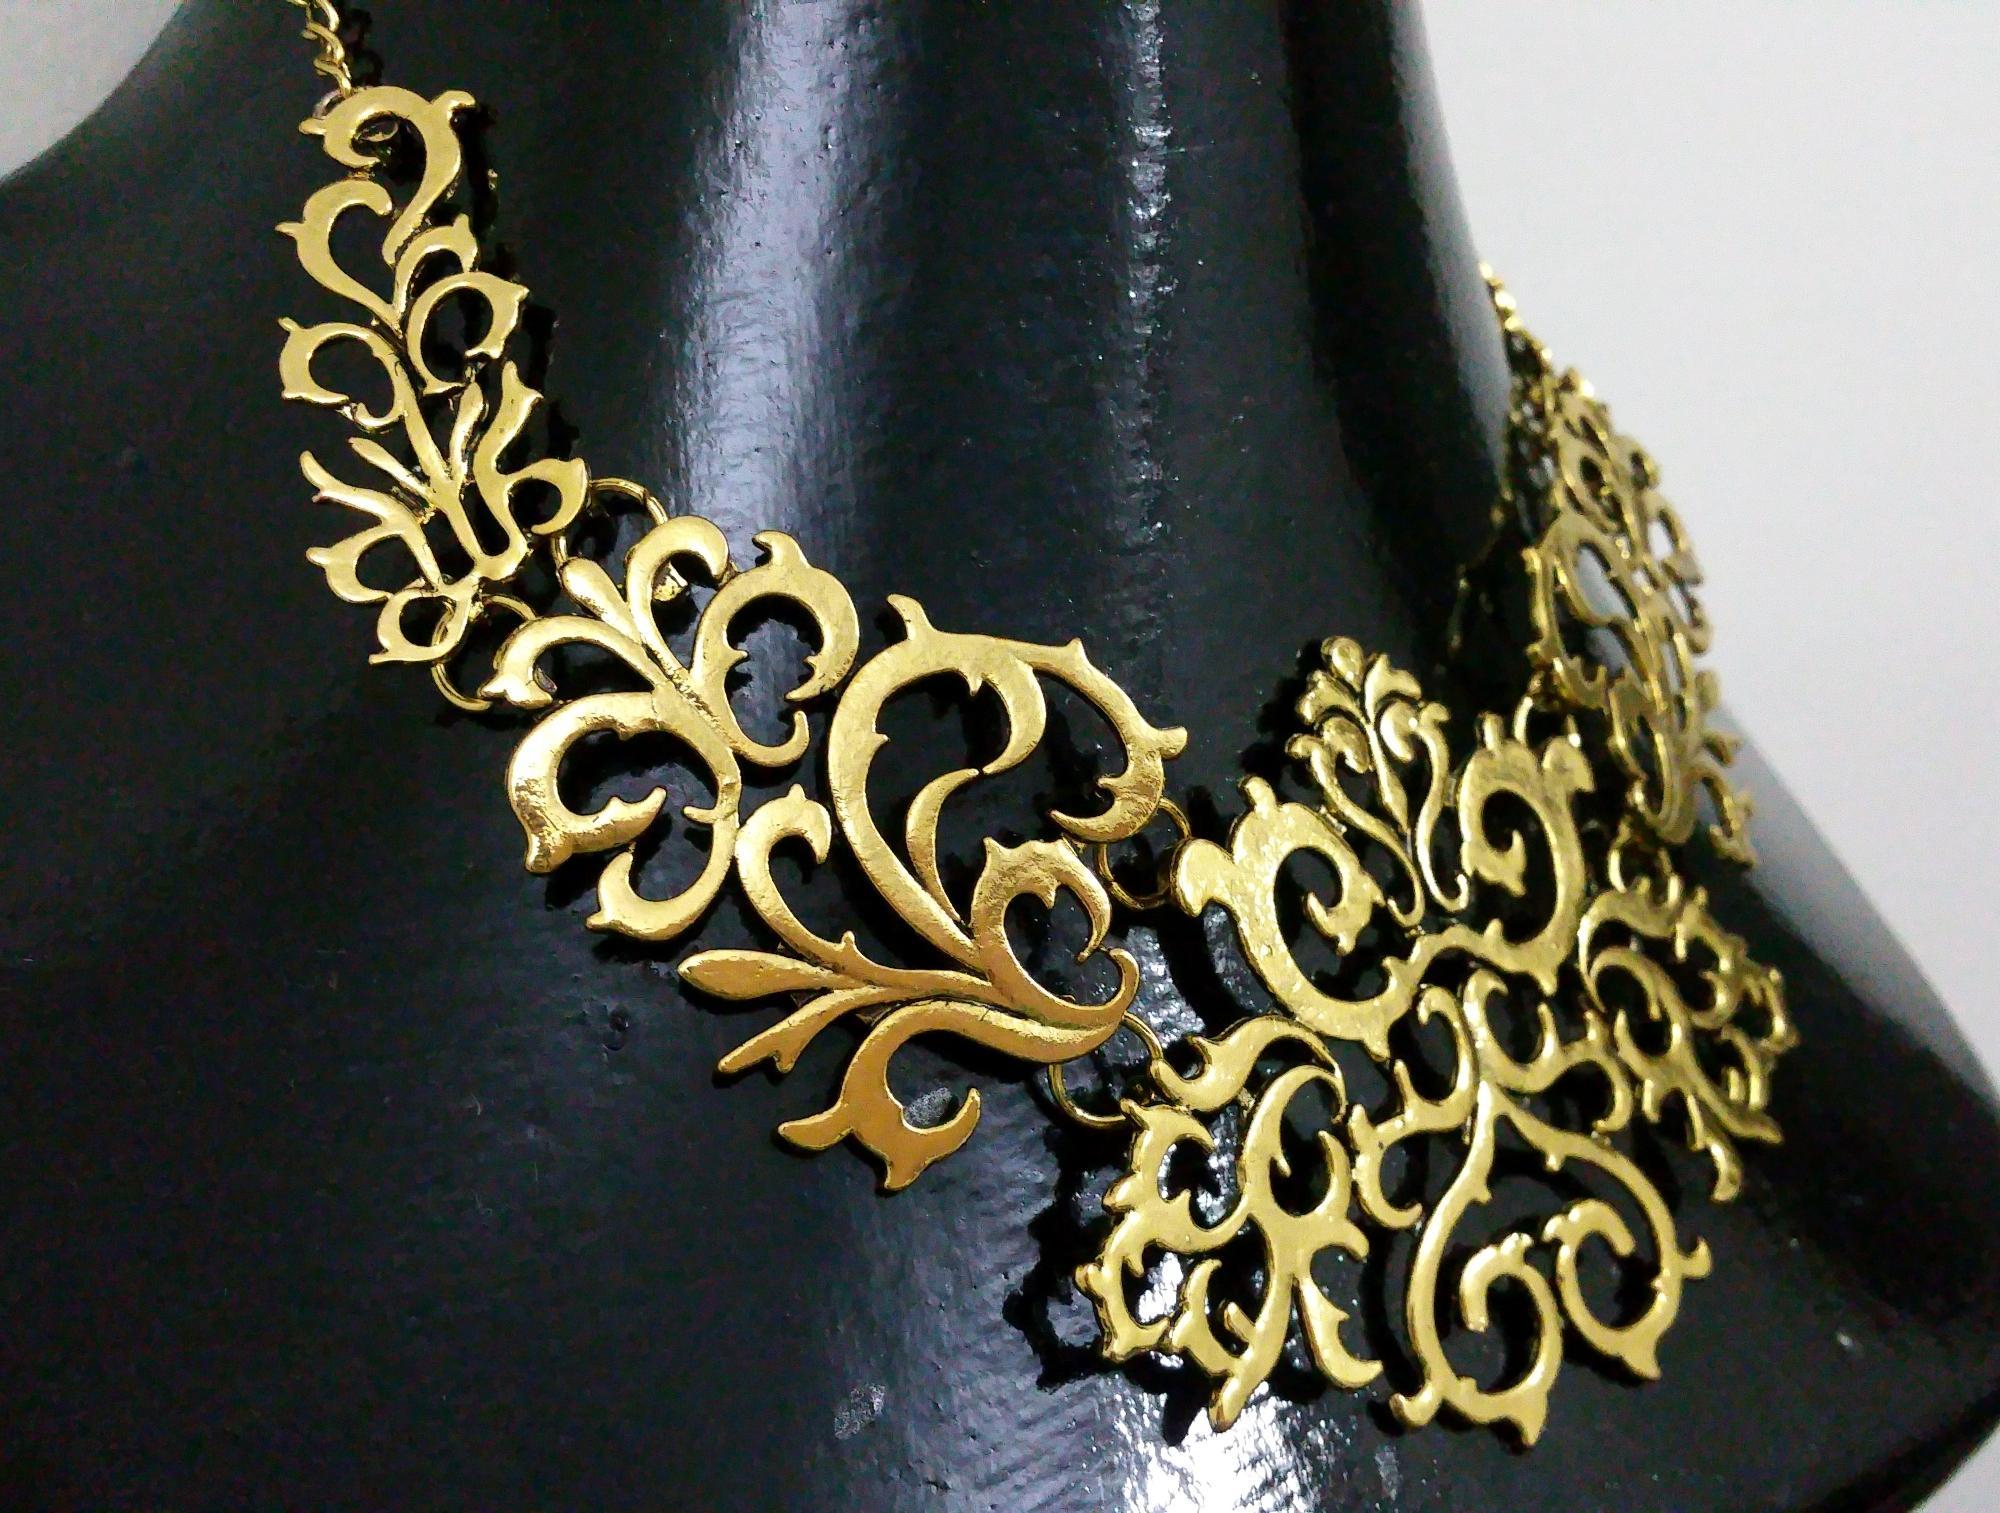 NéonKrallık Bold Metal Filigree Collar Necklace (Gold)